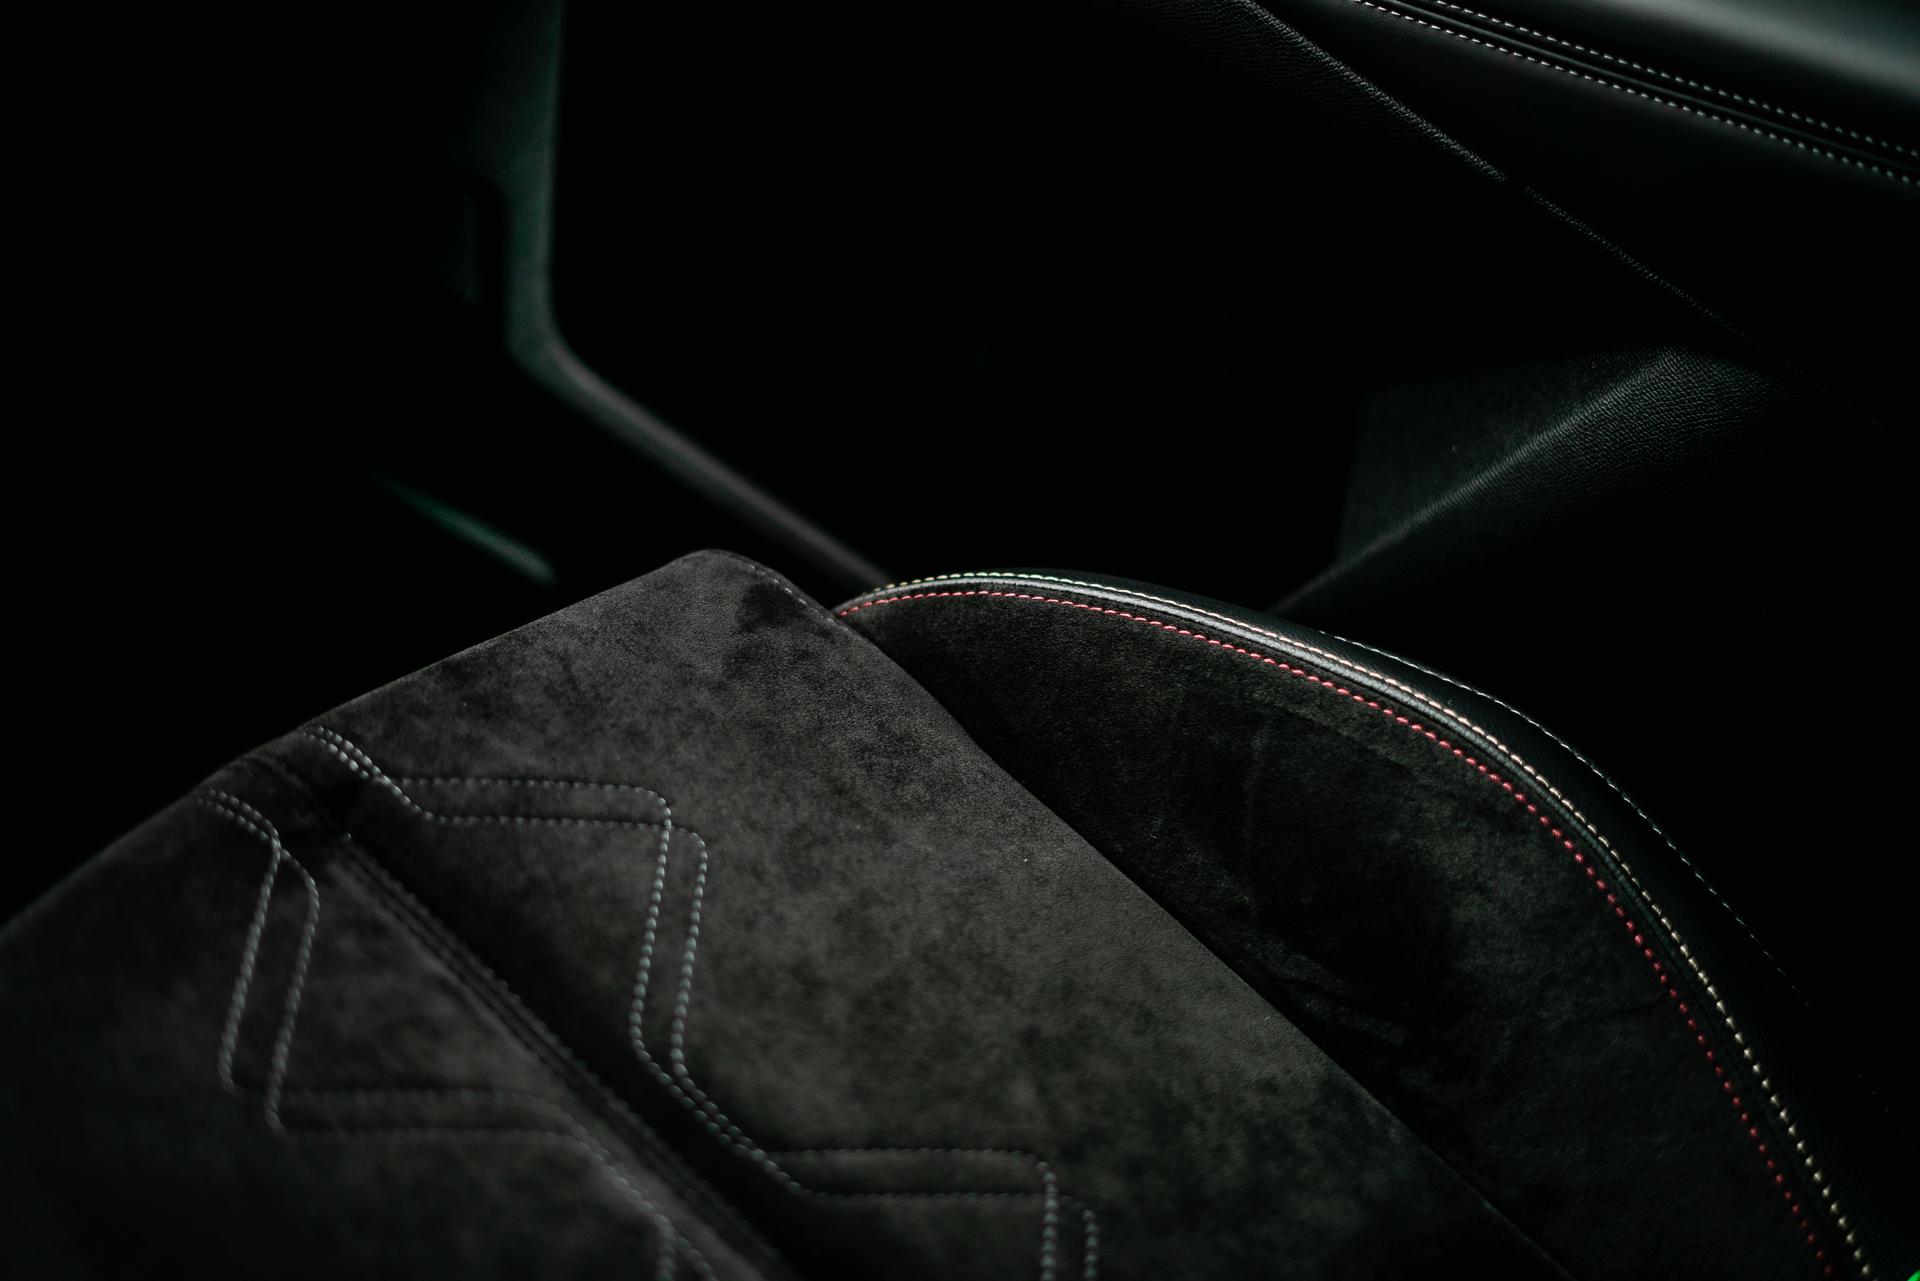 DS 7 Crossback interiør lædersæde